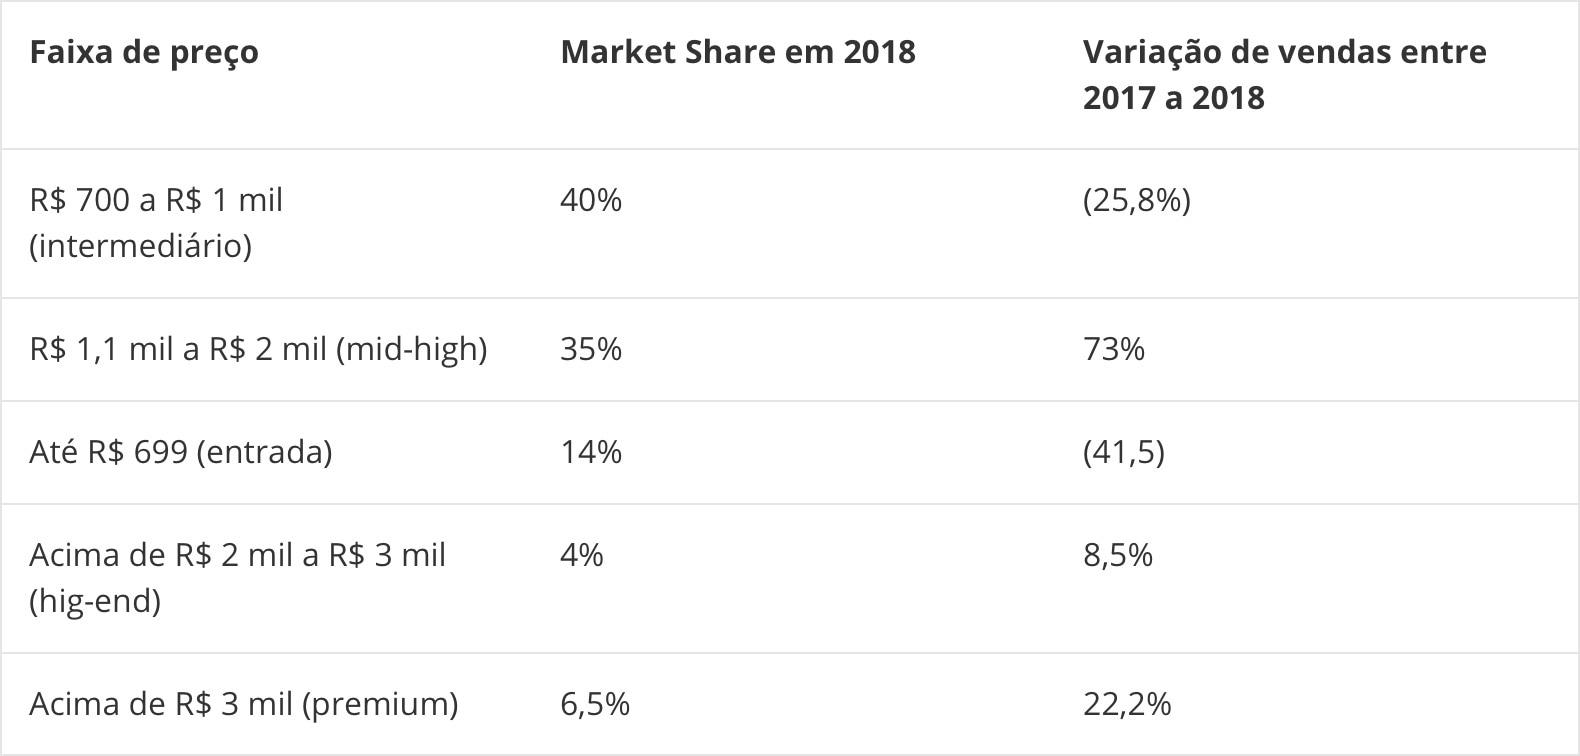 IDC sobre mercado de smartphones no Brasil em 2018